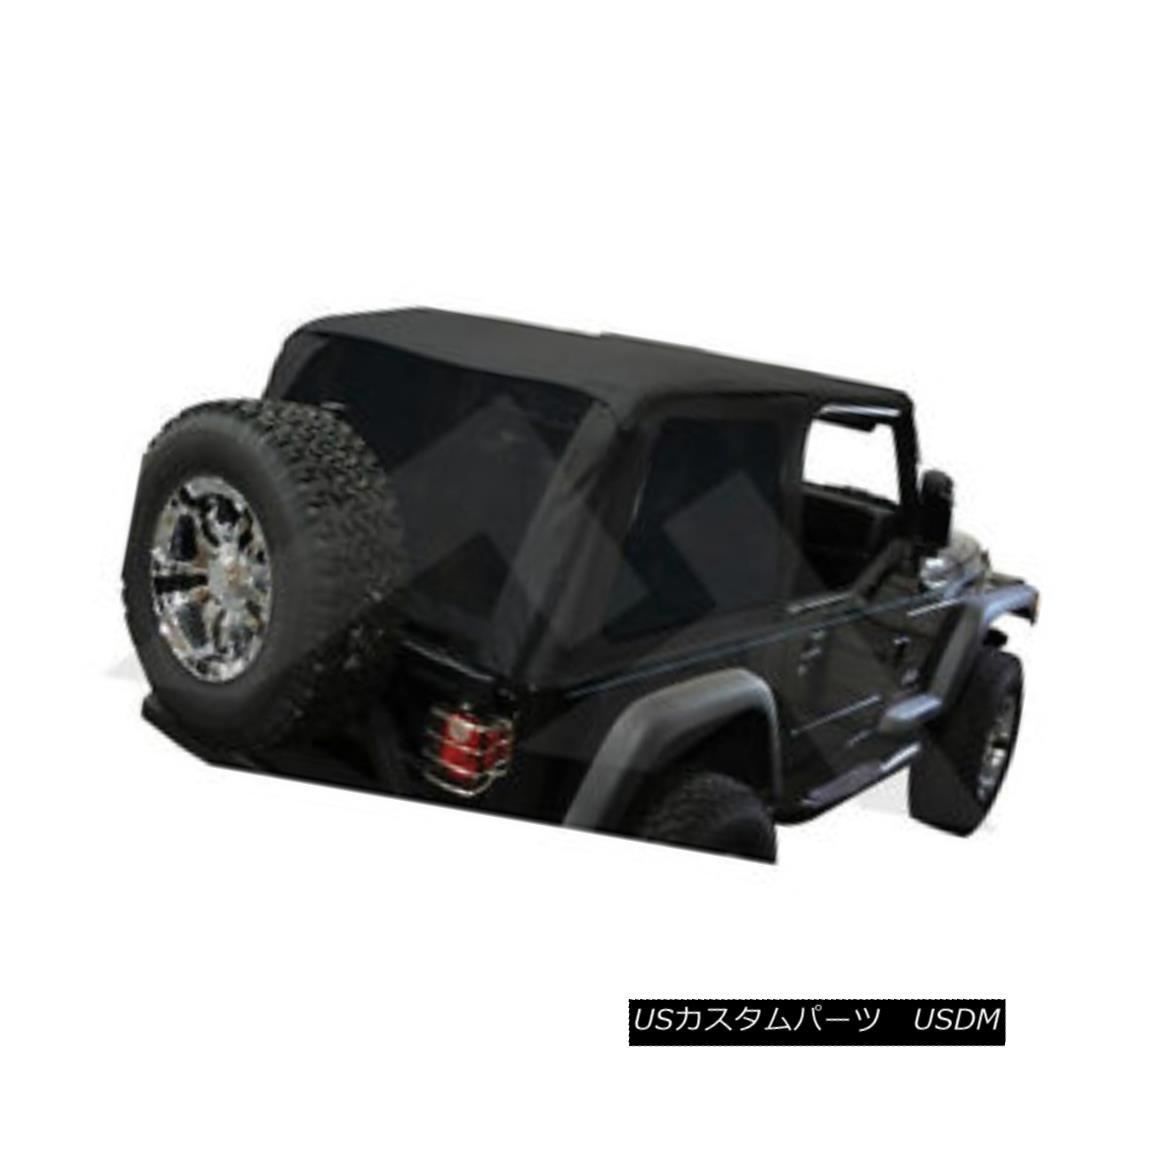 幌・ソフトトップ Jeep Wrangler TJ Bowless Soft Top Black Diamond with Tint 1997-2006 BRT10035 ジープラングラーTJ Bowlessソフトトップブラックダイヤモンドティント1997-2006 BRT10035